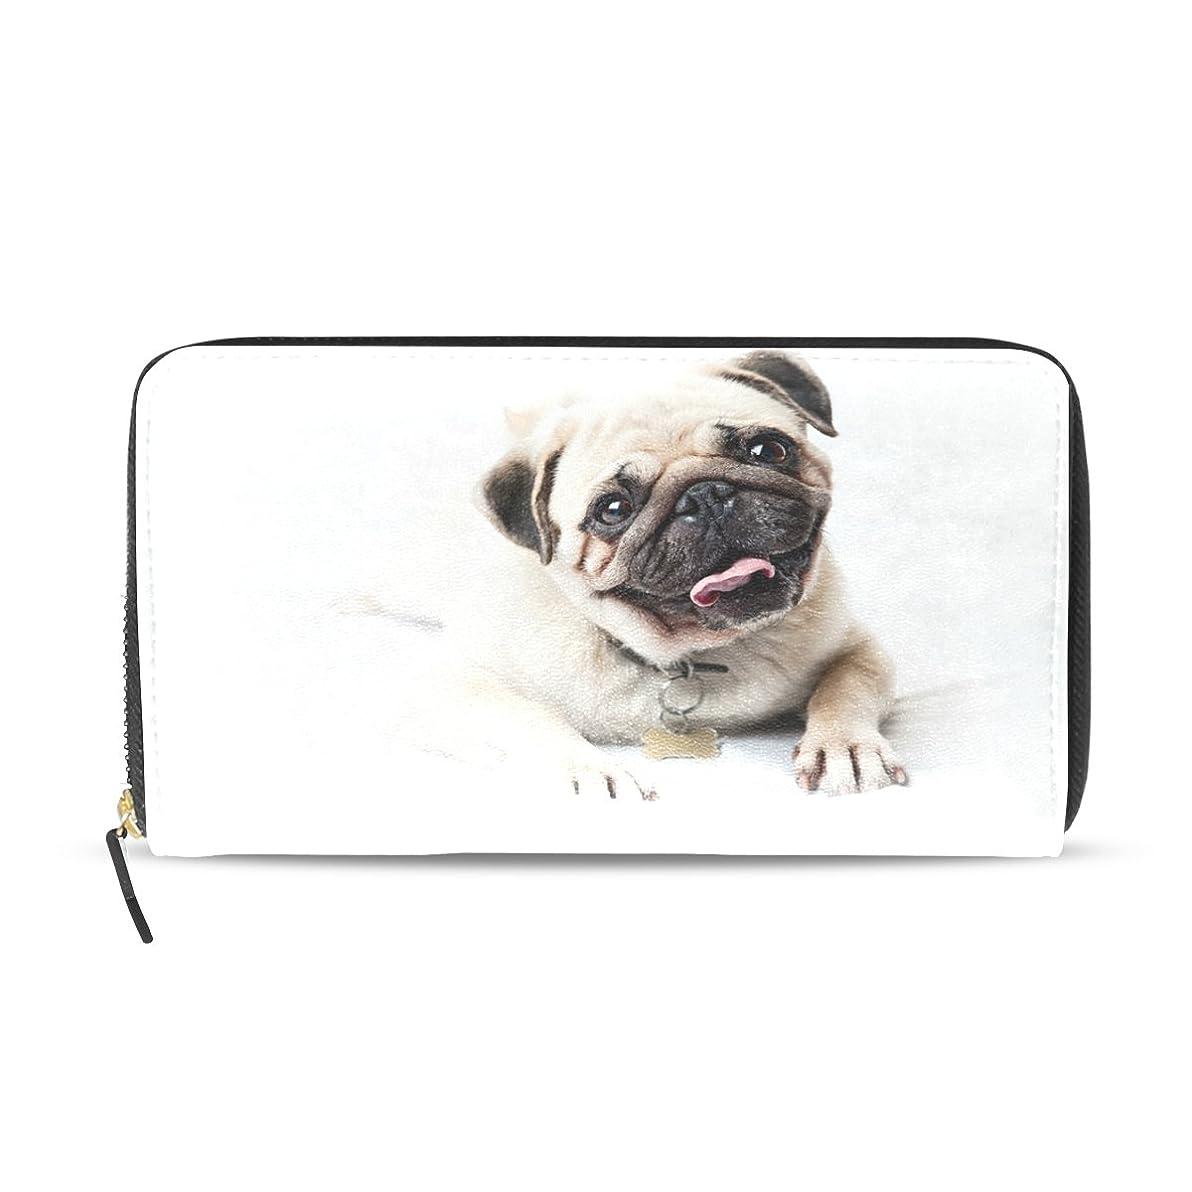 感心するのど広くGORIRA(ゴリラ) パグ 唾を舌 かわいい子犬 倒影 長財布 レディース ダブルサイド印刷 ファスナー開閉式 ウォレット